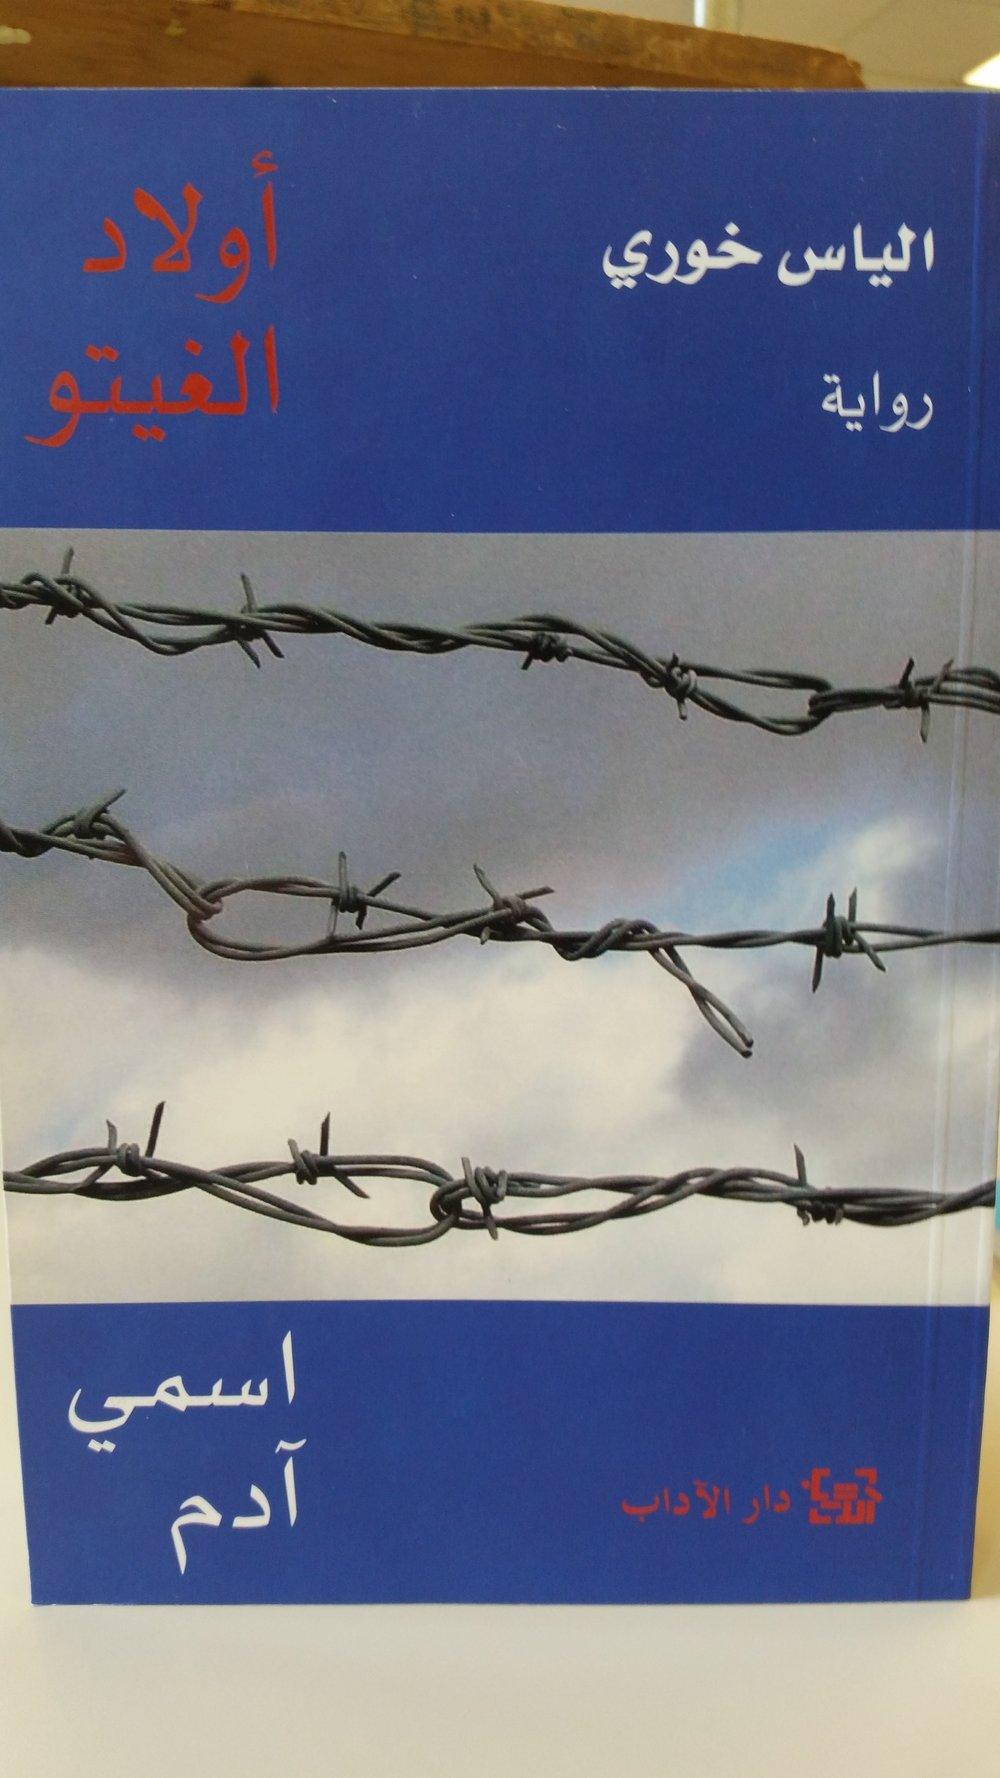 Ilyās Khūrī (Bayrūt : Dār al-Ādāb lil-Nashr wa-l-Tawzīʻ, 2016). 1st ed.